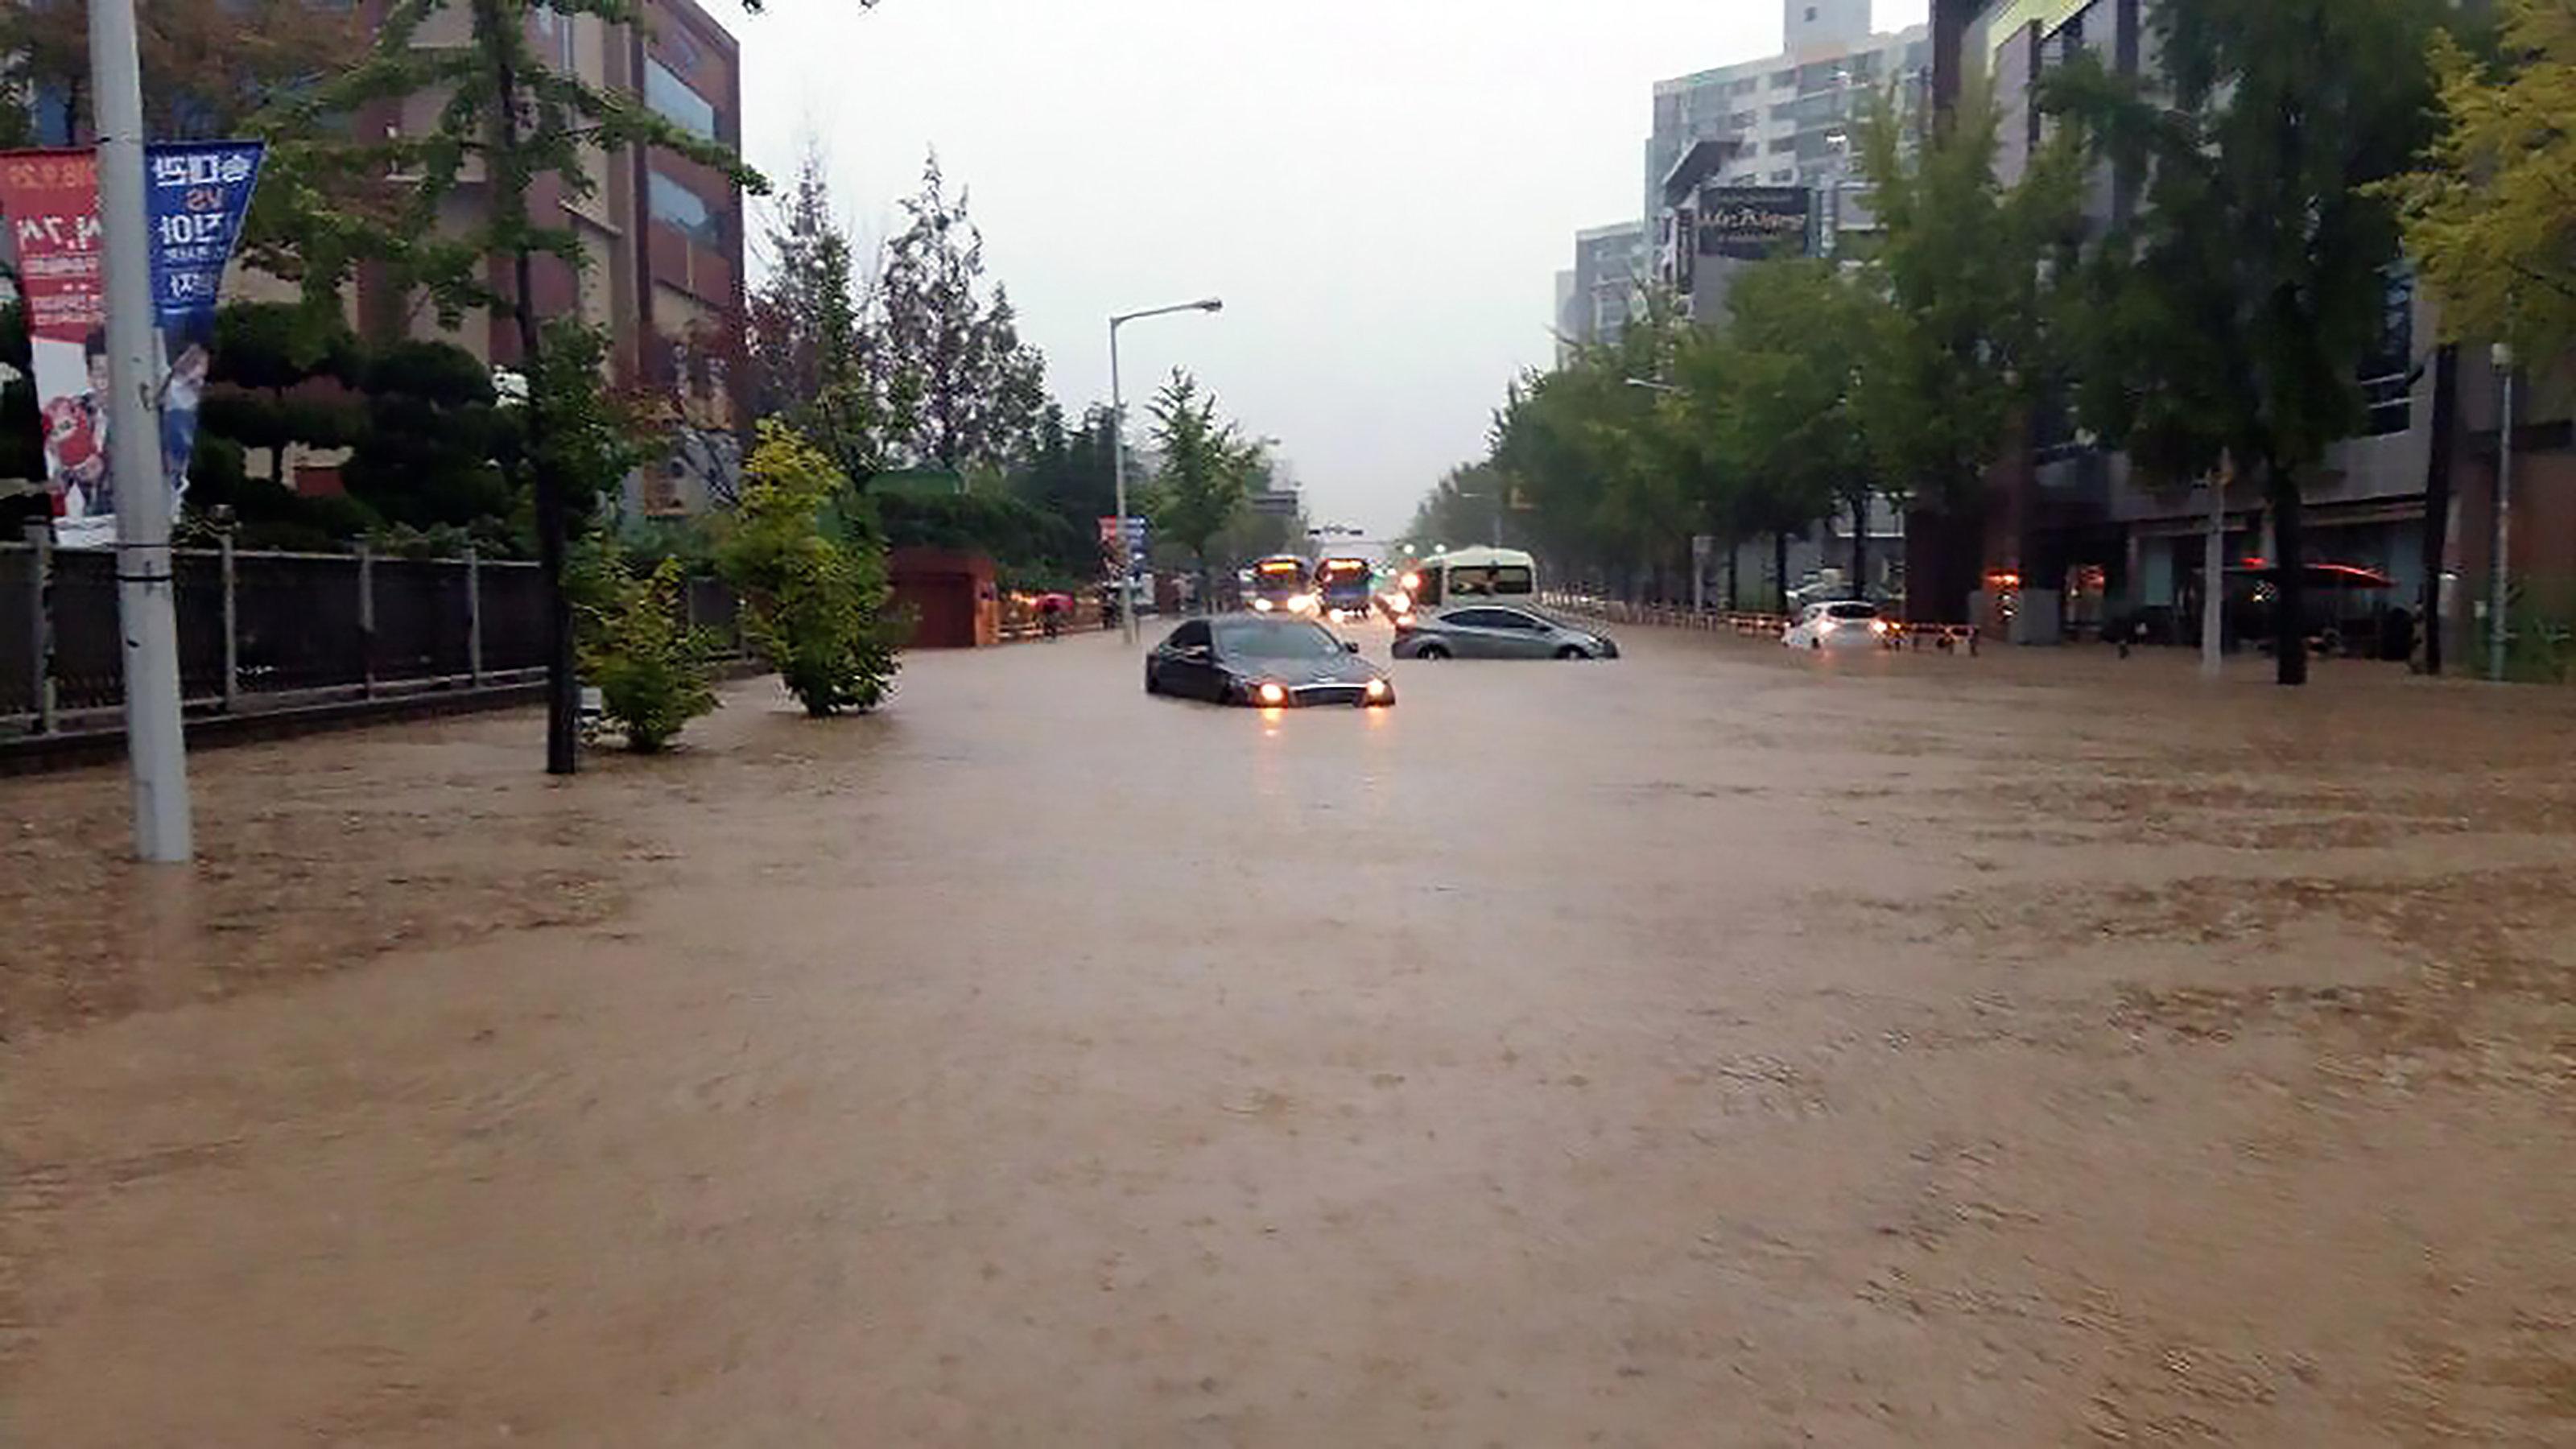 오후부터, 또 서울·경기 지역에 비가 많이